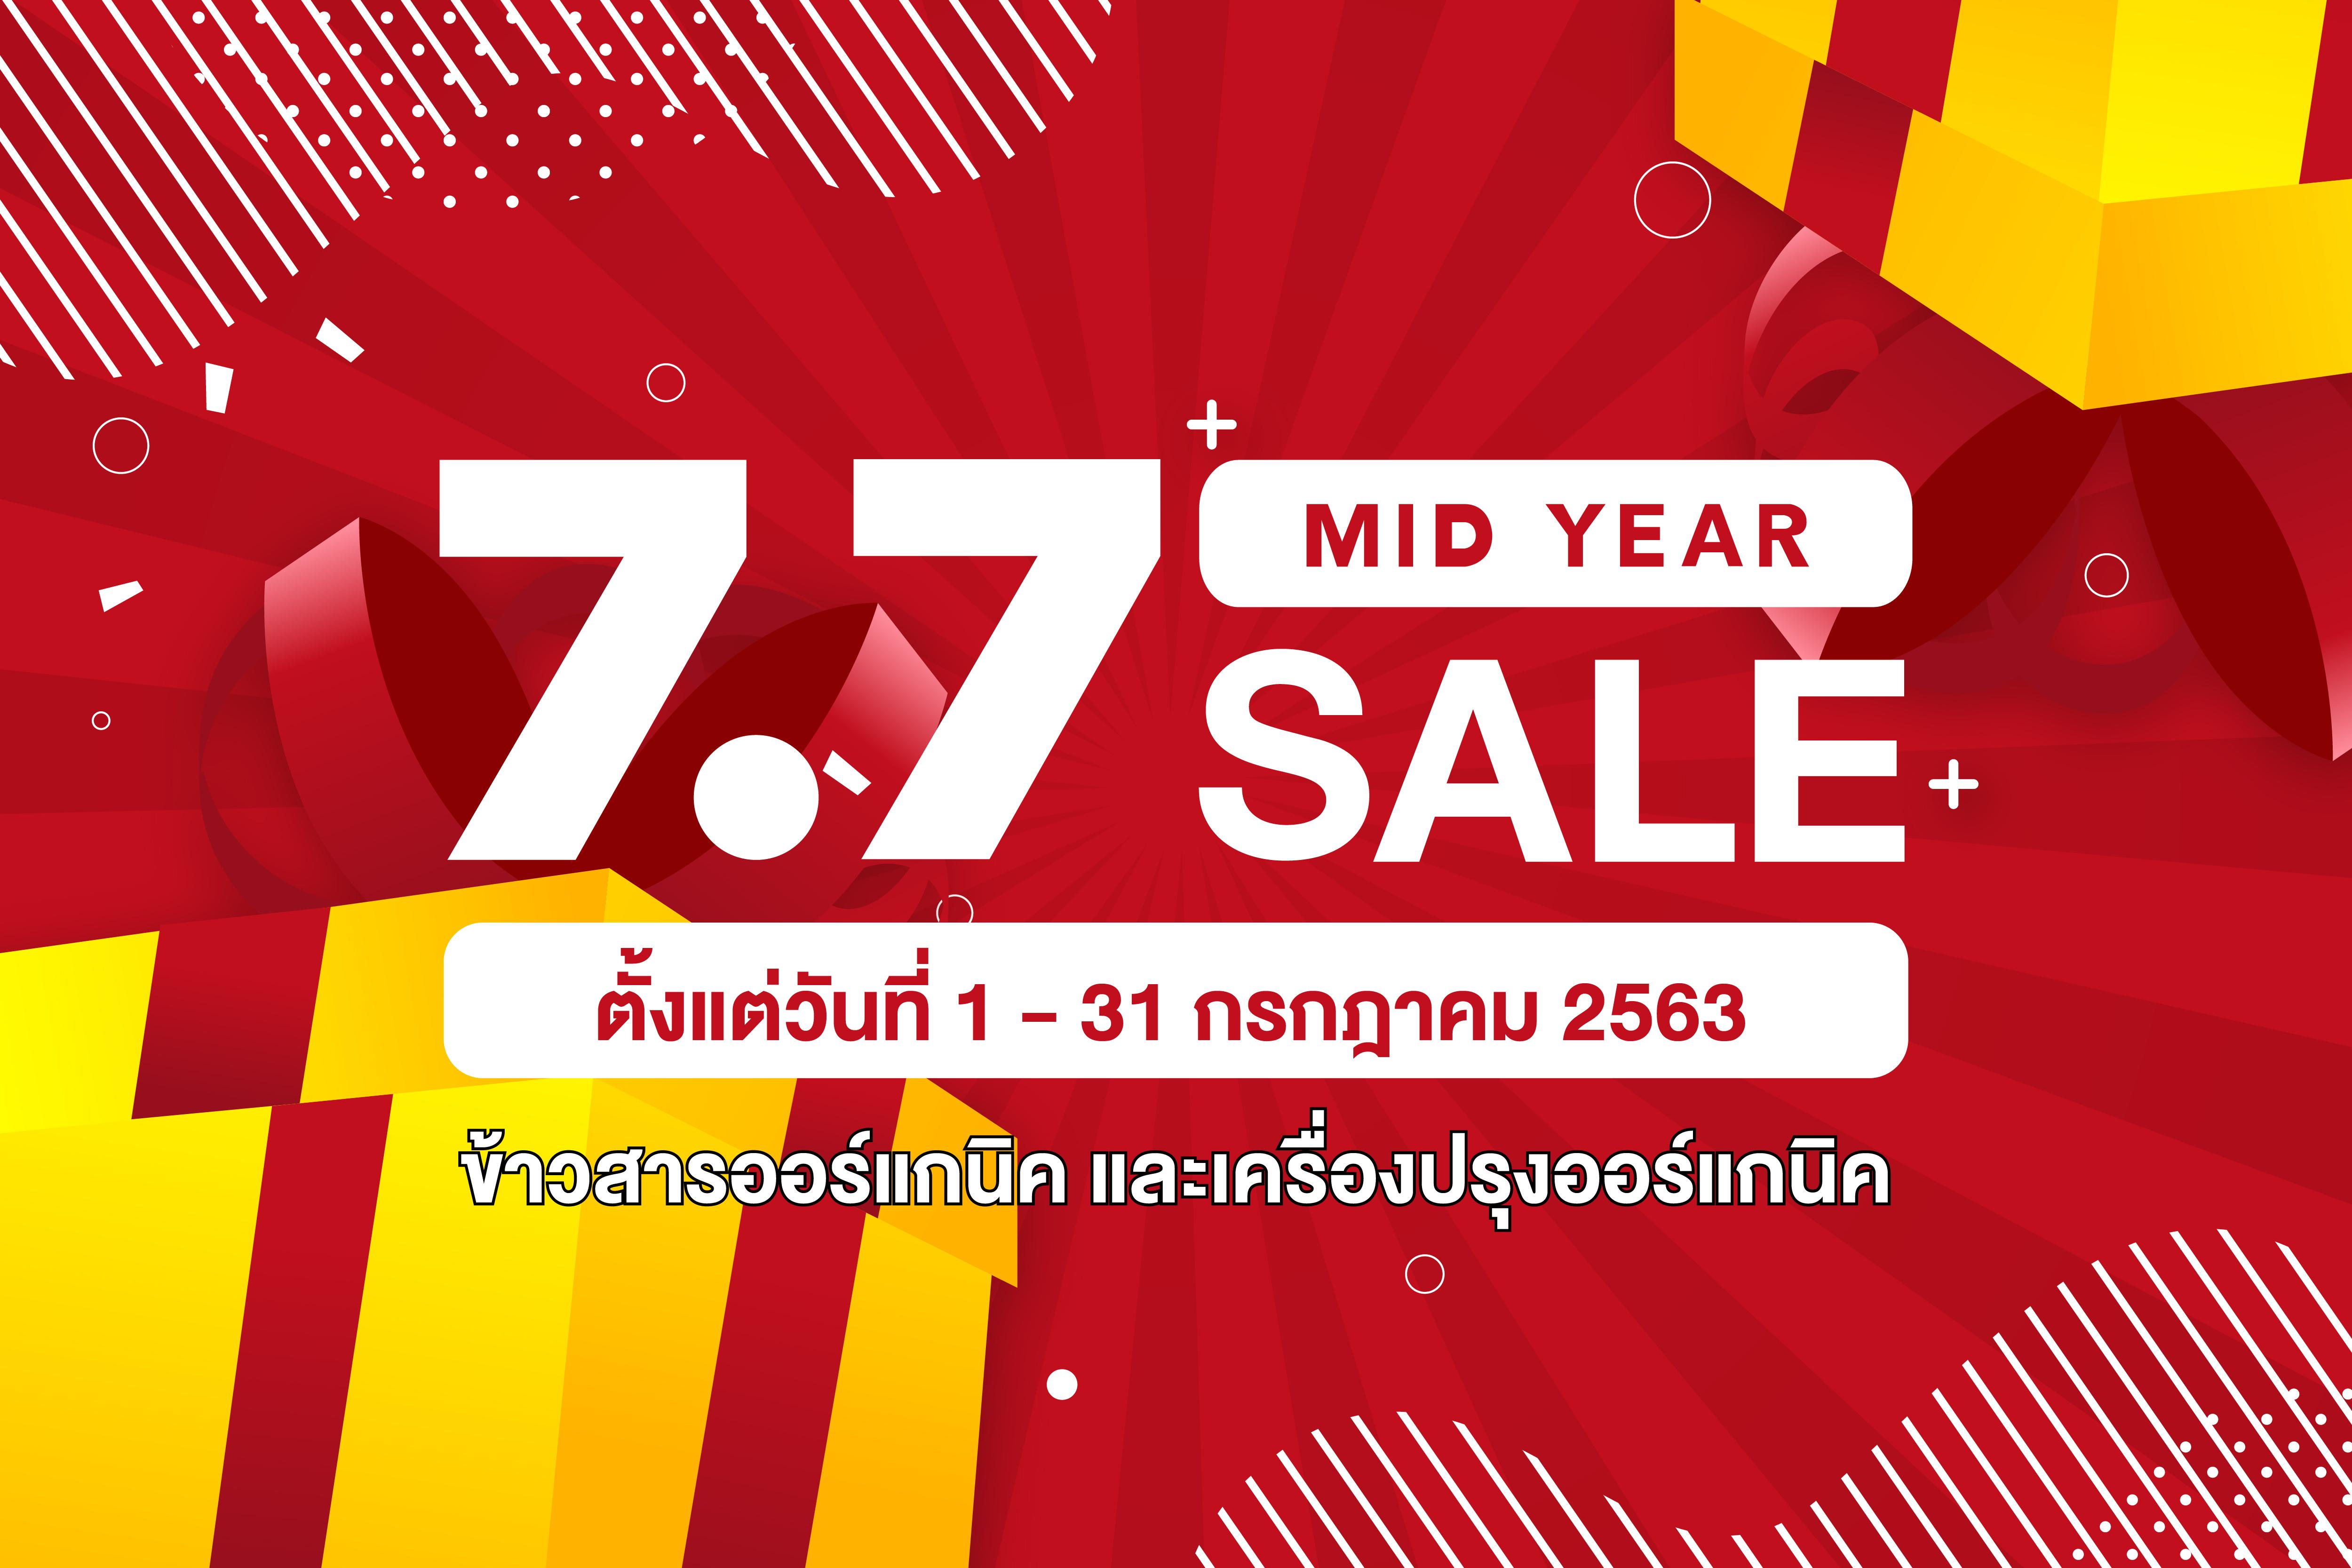 7.7 Mid Year Sale สายสุขภาพ ✅ สายออร์แกนิค ✅ ถูกใจสิ่งนี้!